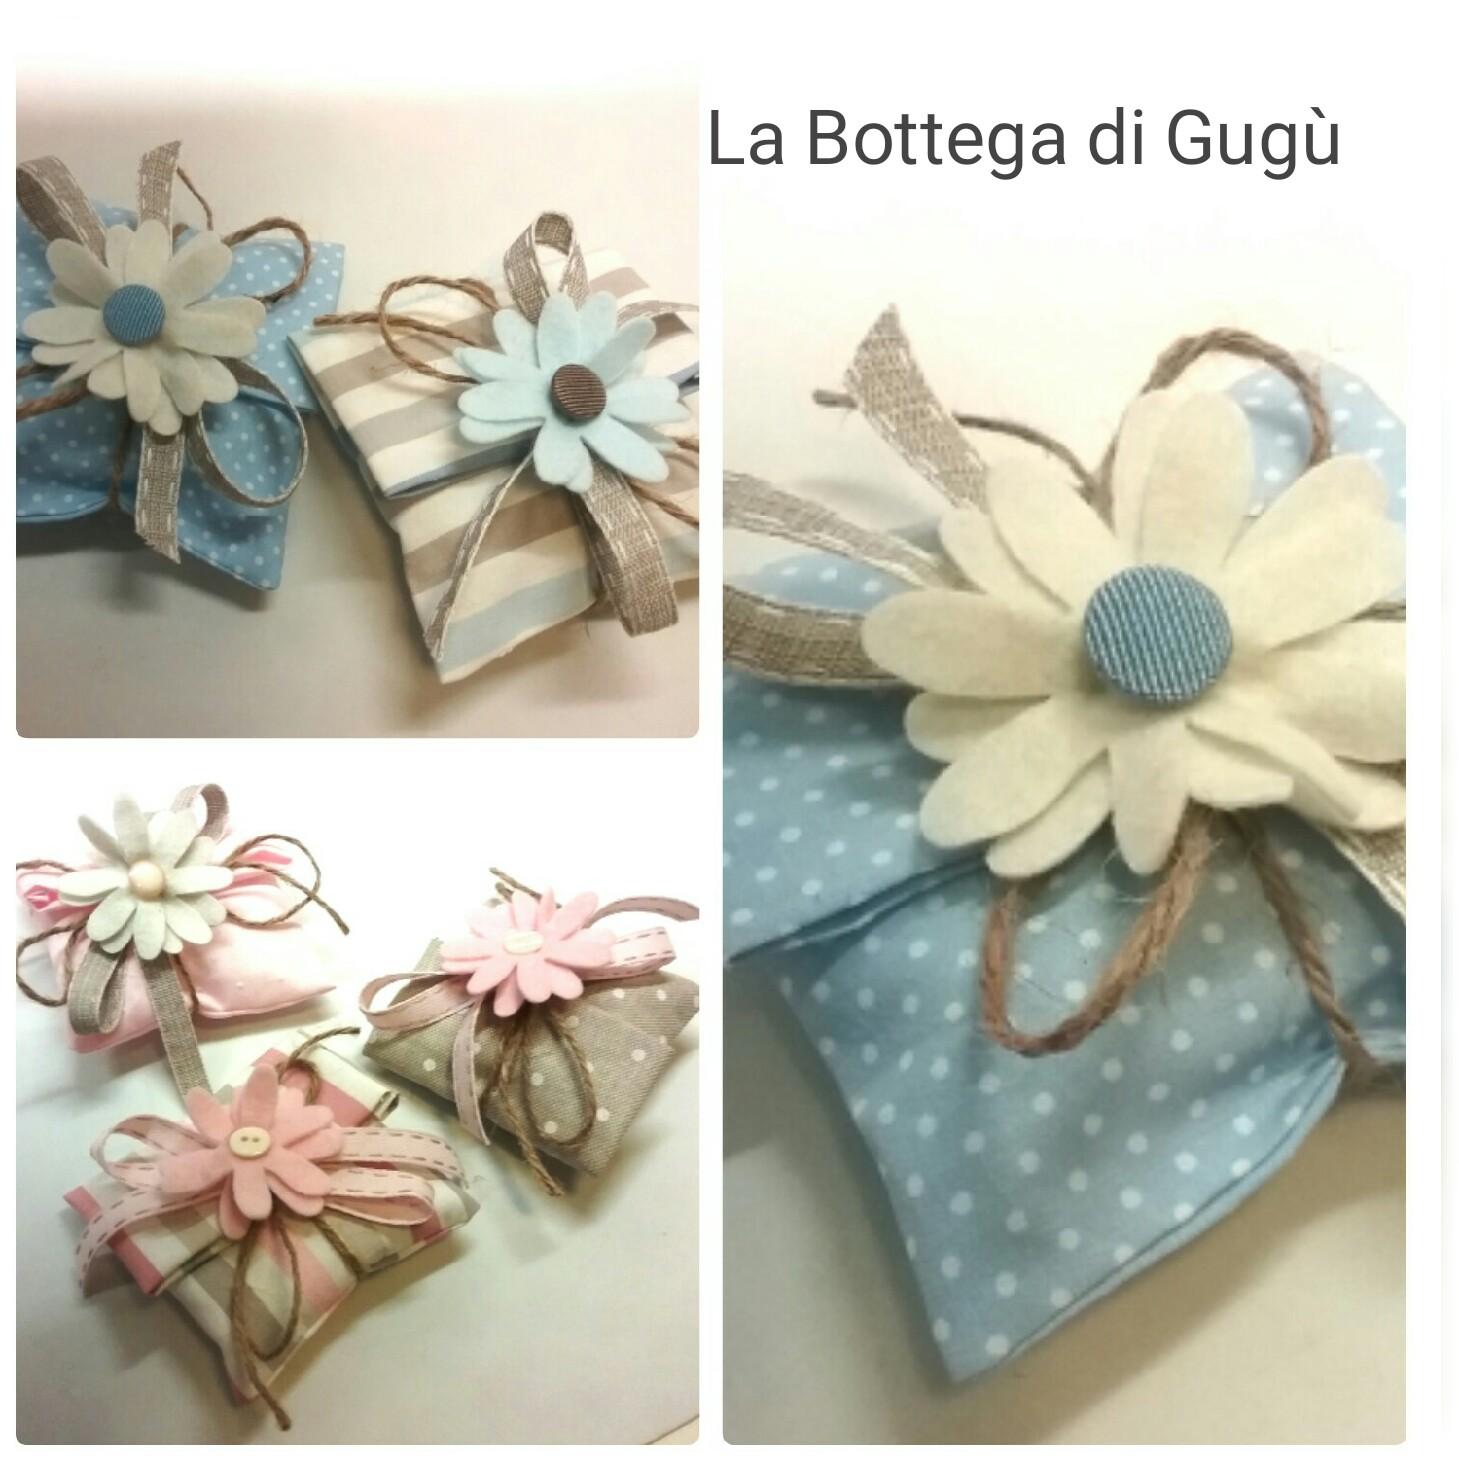 Extrêmement La bottega di Gugù: Come fare bomboniere porta-confetti semplici e  EG02